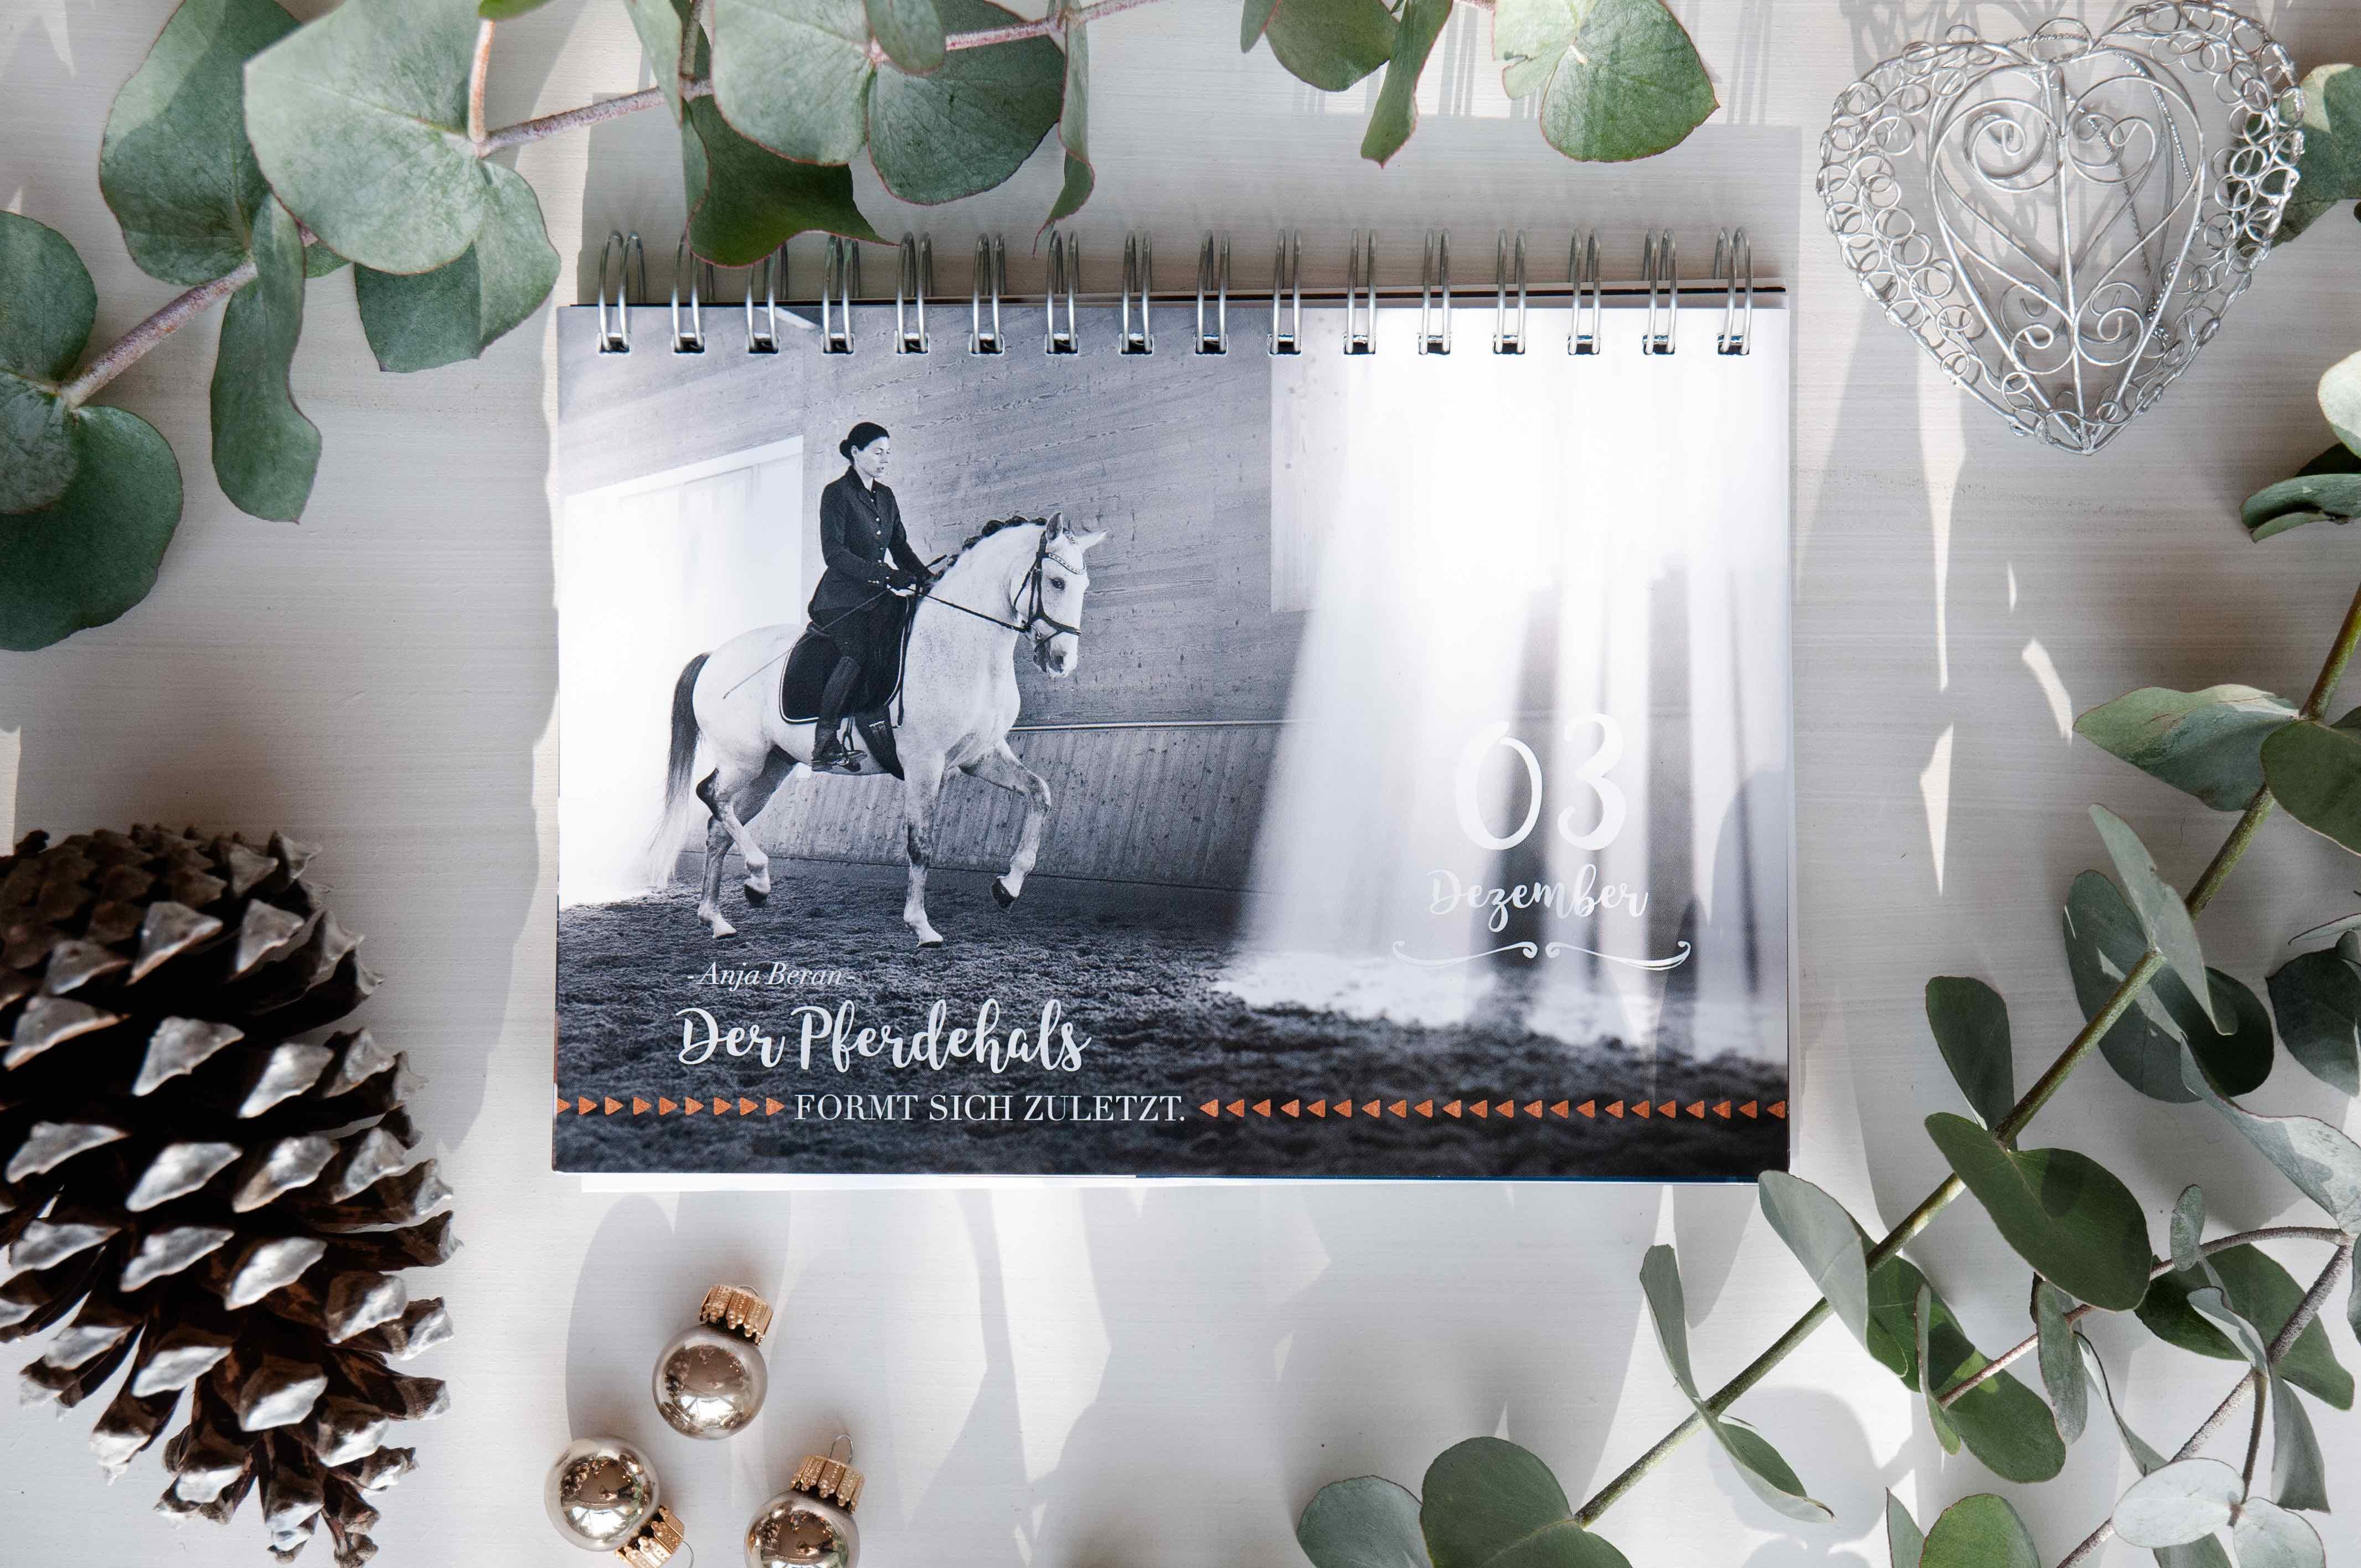 Bild von Anja Beran im Adventskalender für Pferdemenschen